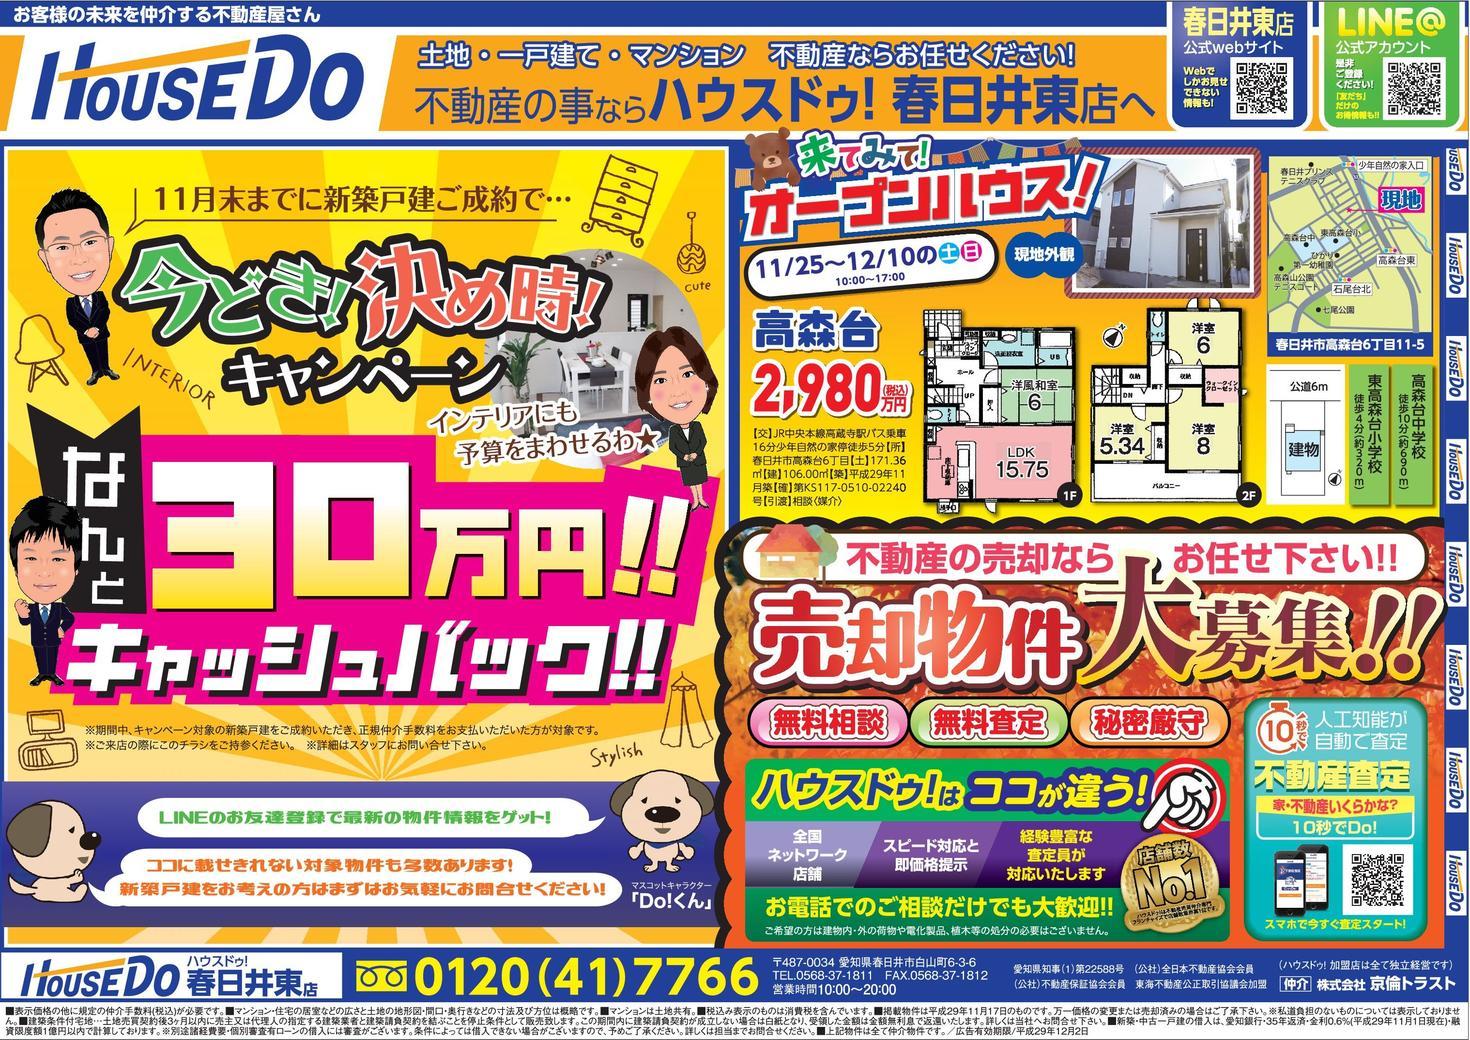 11月24日(金)折込チラシ(11/24~12/7)